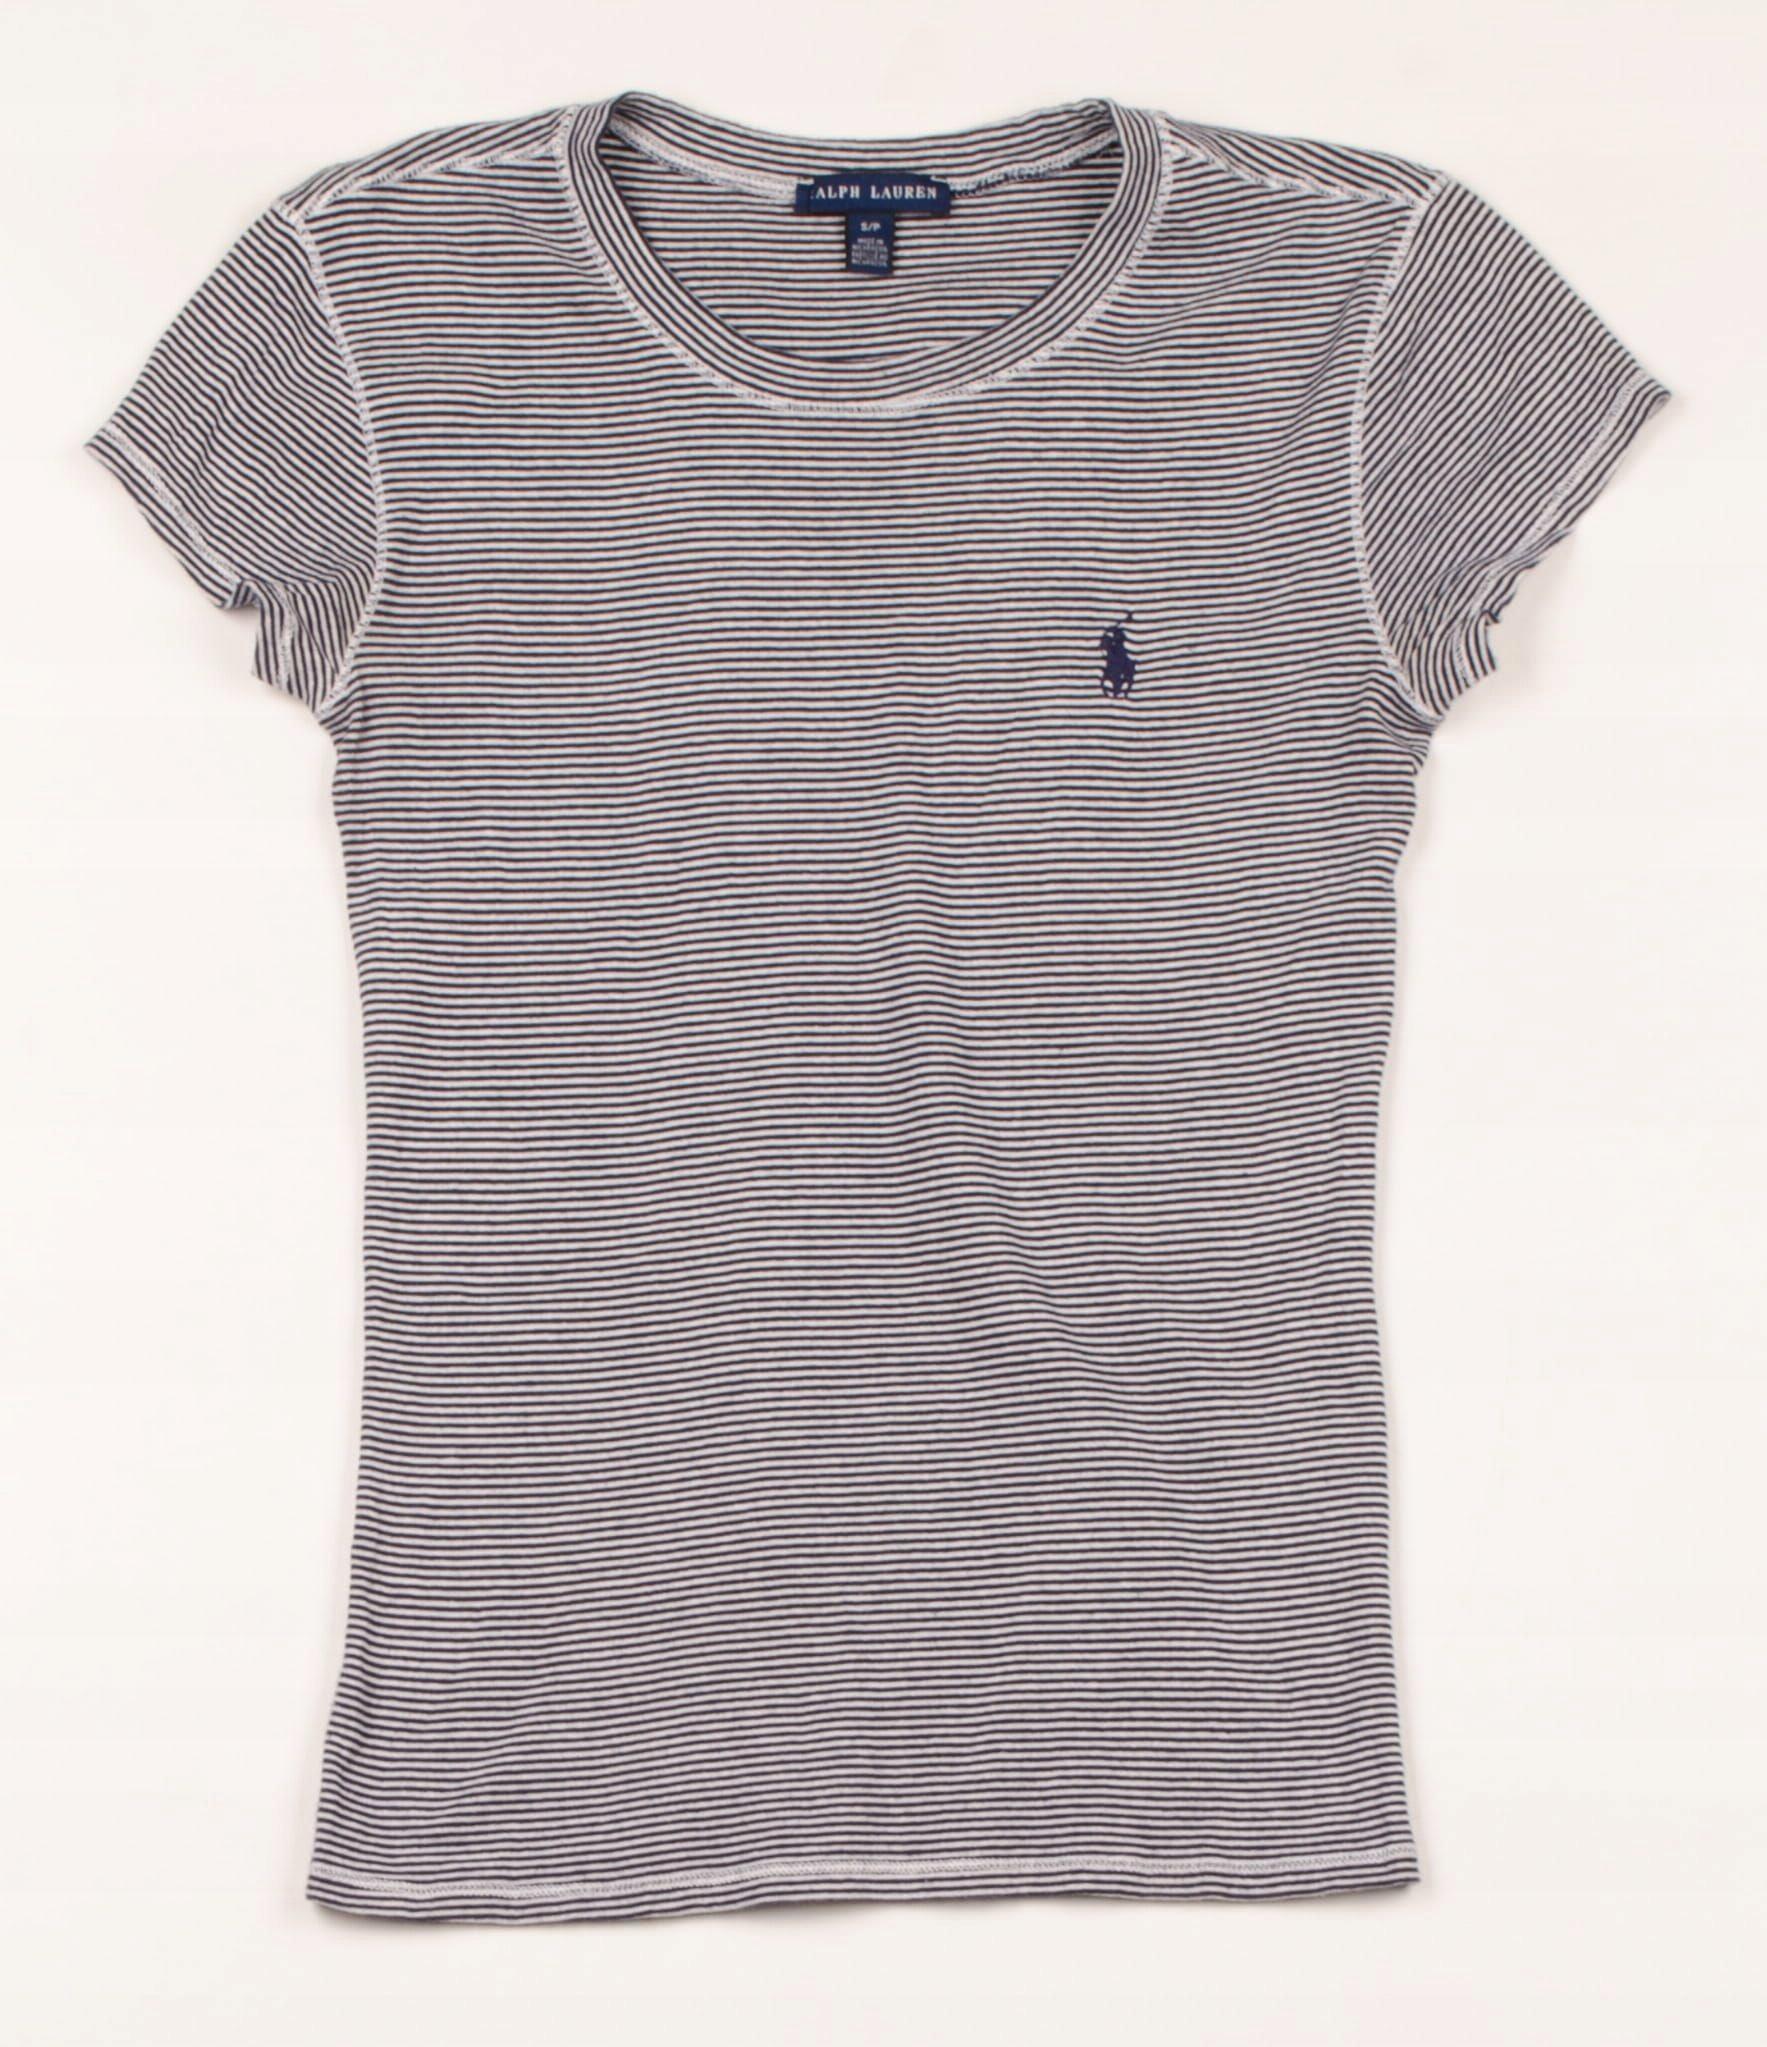 33436 Ralph Lauren T-shirt Koszulka Damska S